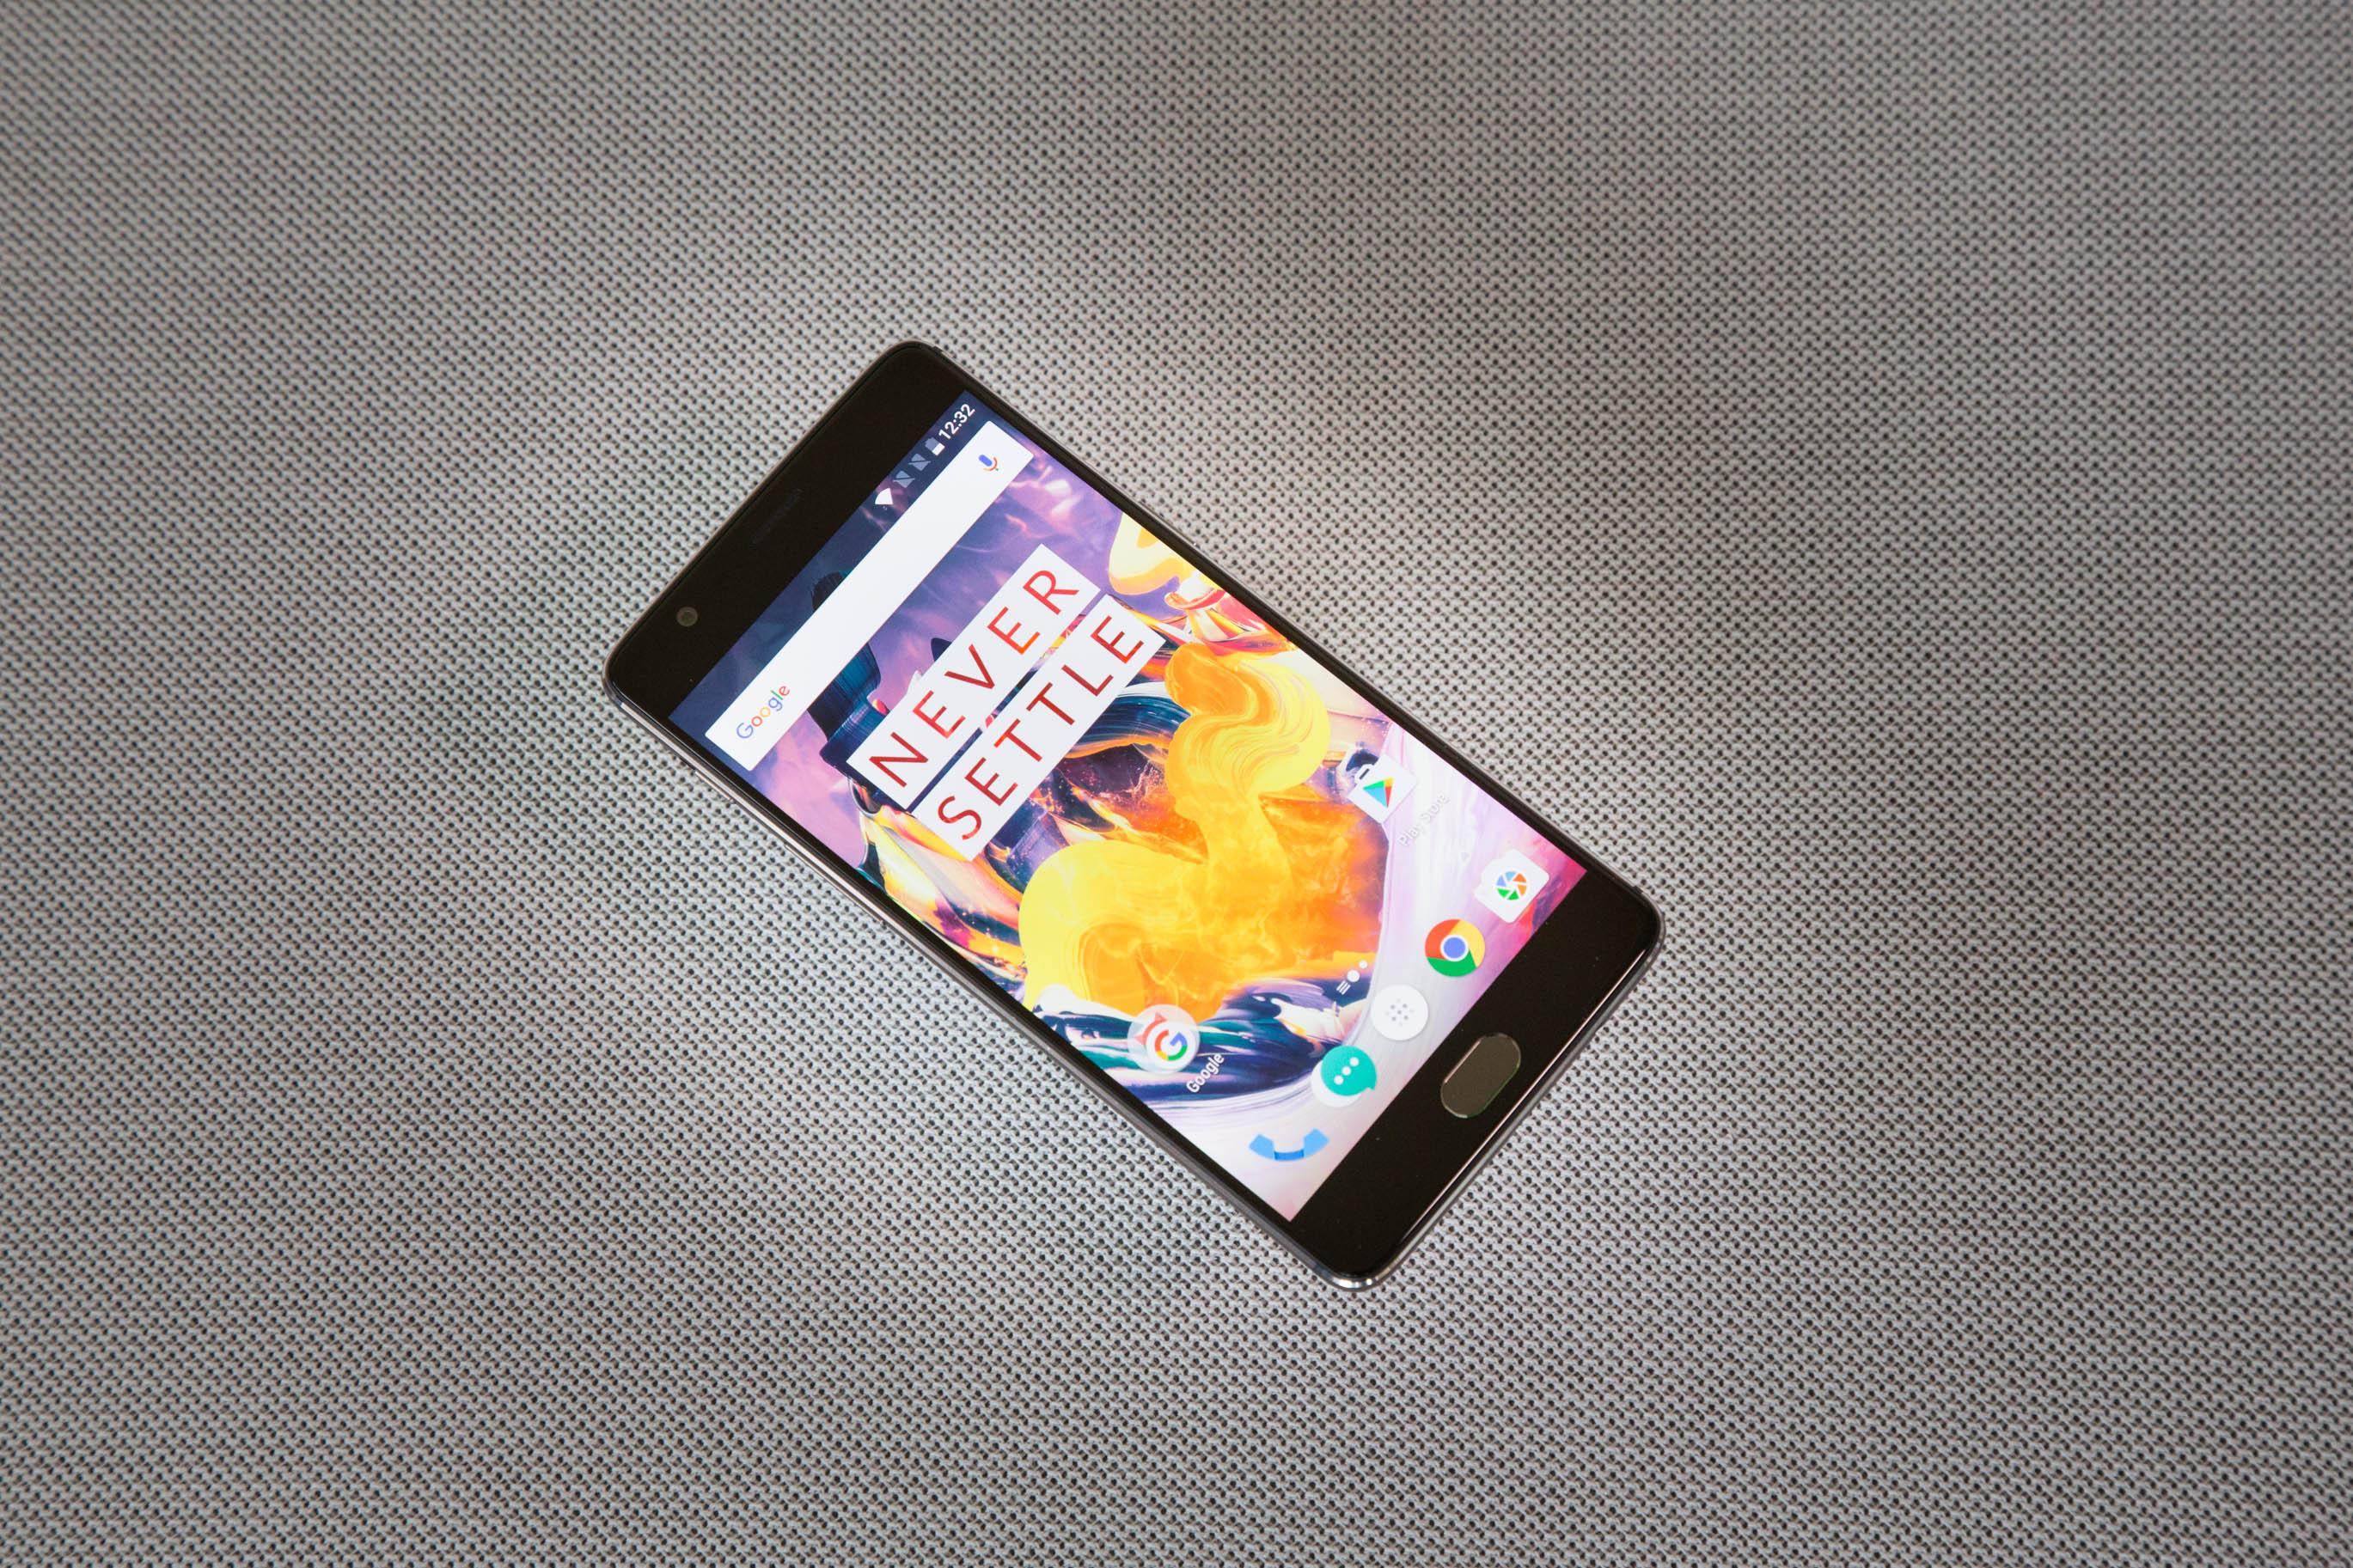 Smartphone: Oneplus 3T mit 128 GByte wird nicht zu Weihnachten geliefert - Das Oneplus 3T (Bild: Martin Wolf/Golem.de)